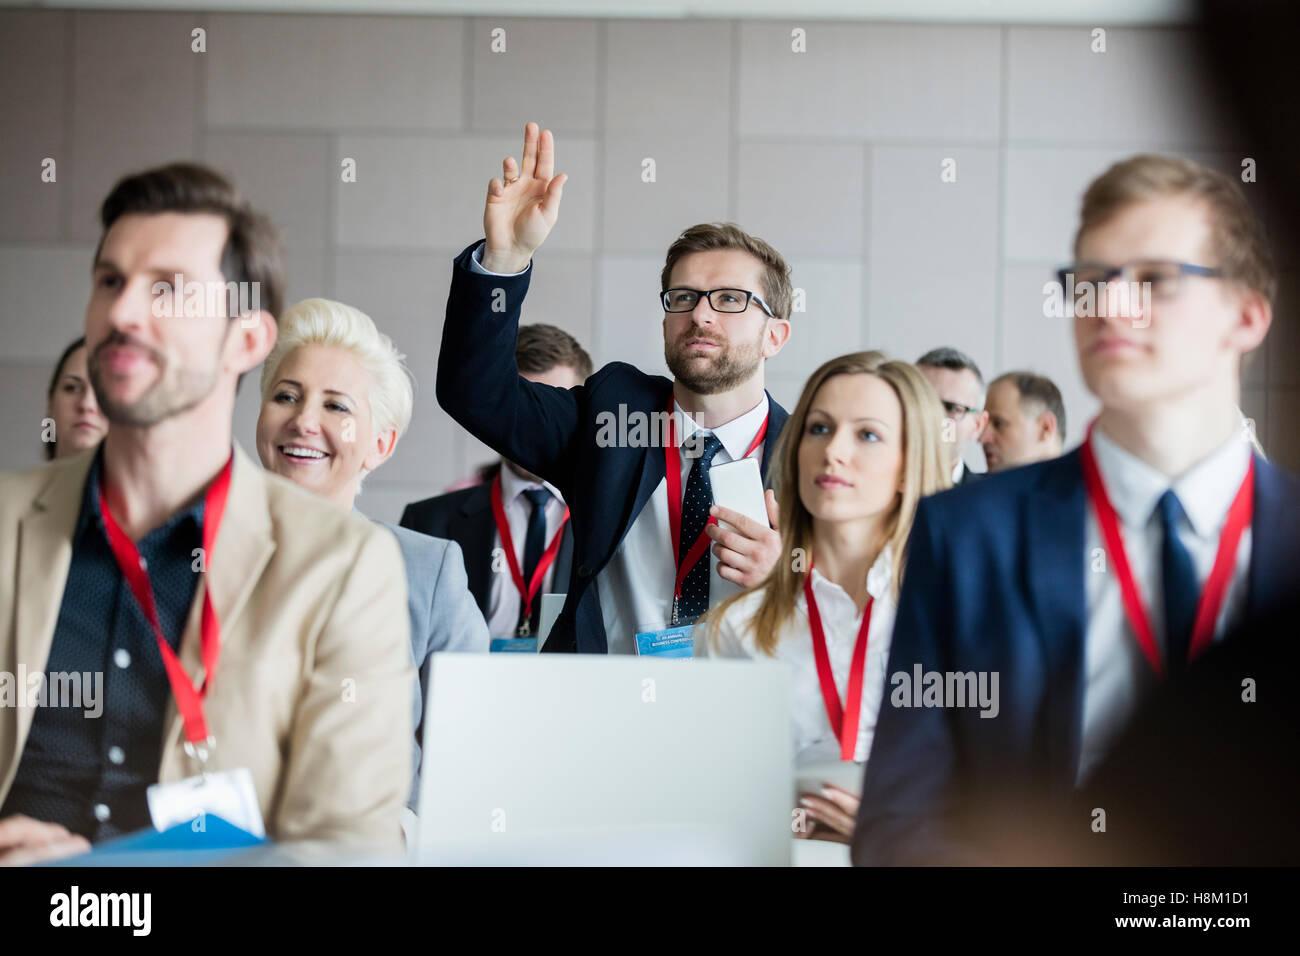 Empresario levantando la mano durante el seminario en el centro de convenciones Imagen De Stock